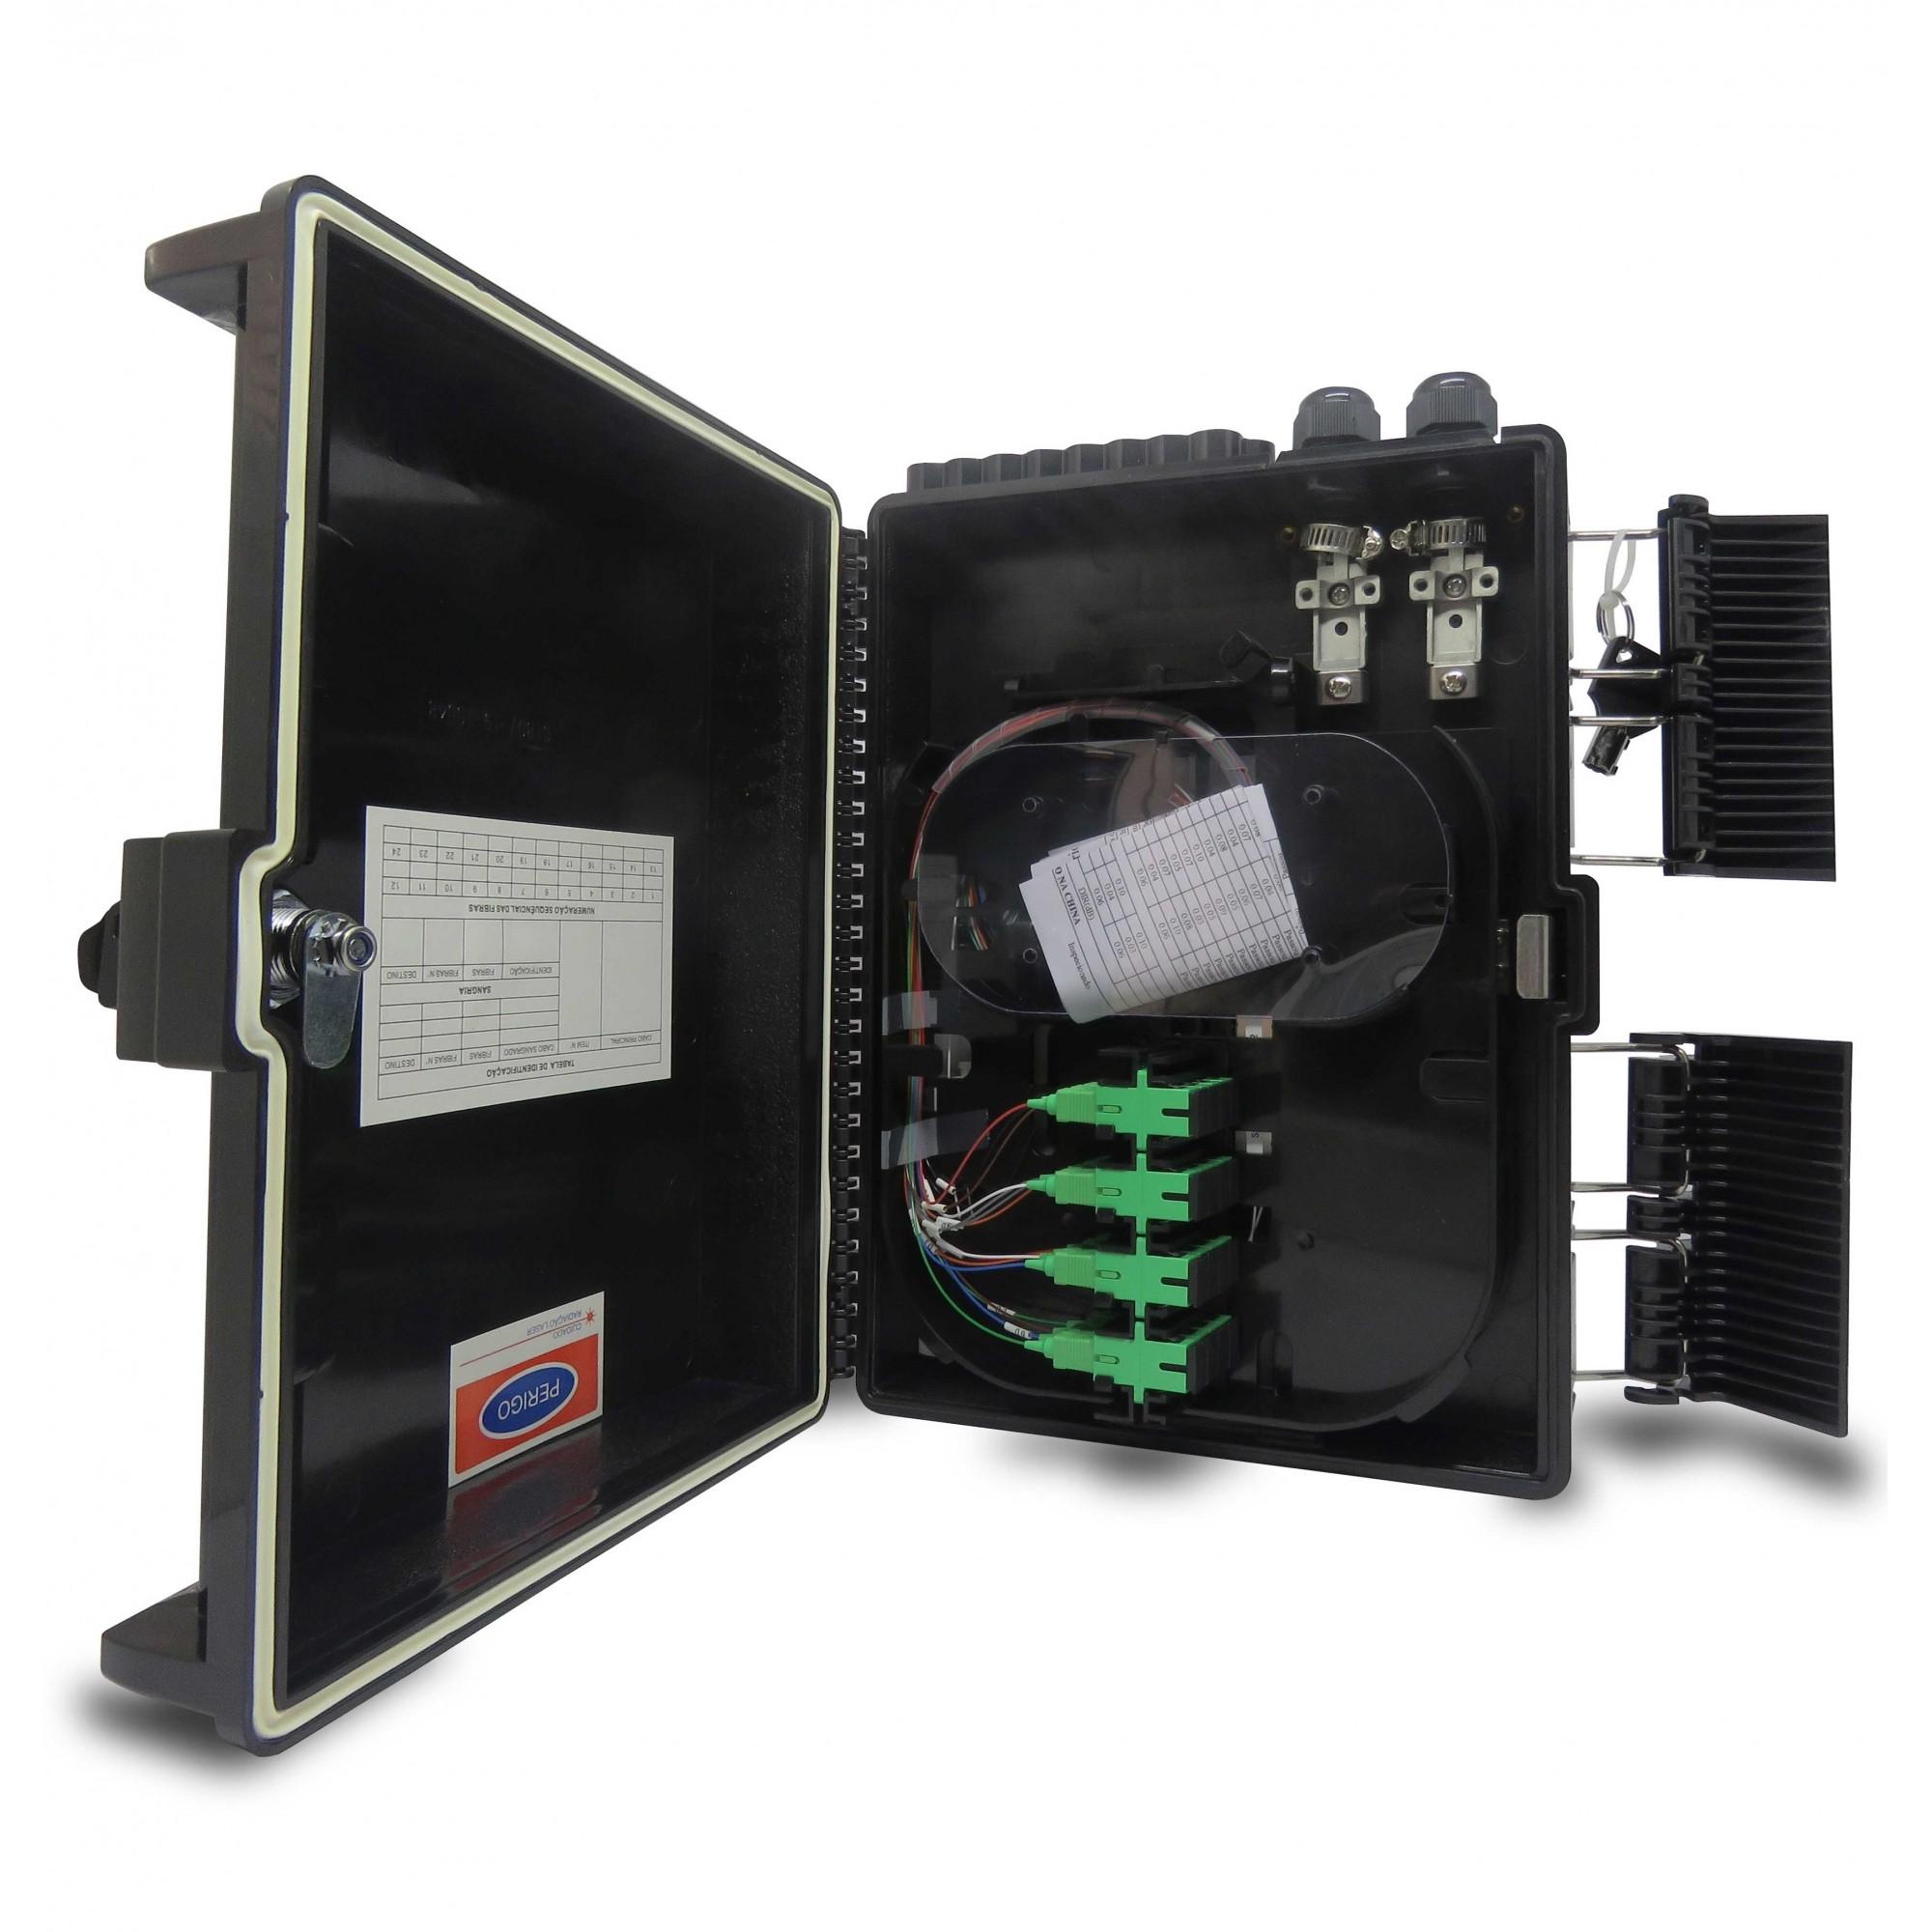 CTO 1x16apc - Caixa de atendimento montada com um splitter 1x16 sc/apc  e adaptadores